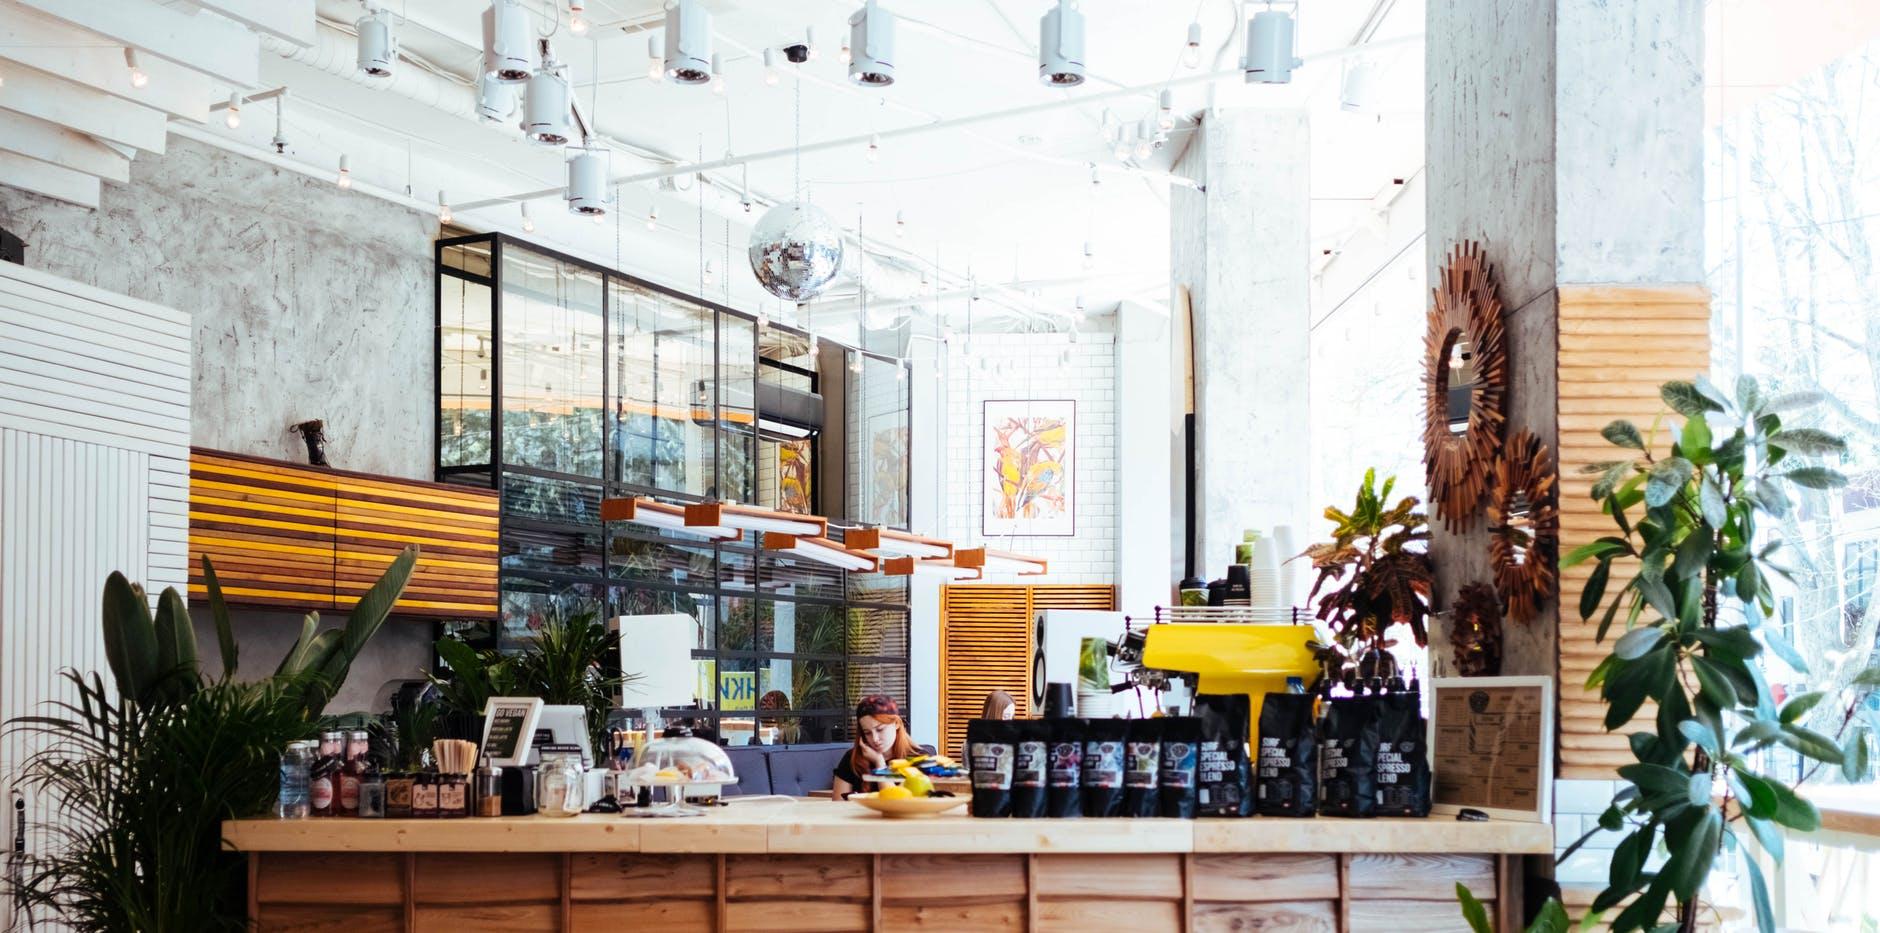 Cần chuẩn bị gì trước khi mở một quán cafe - xây dựng kế hoạch kinh doanh